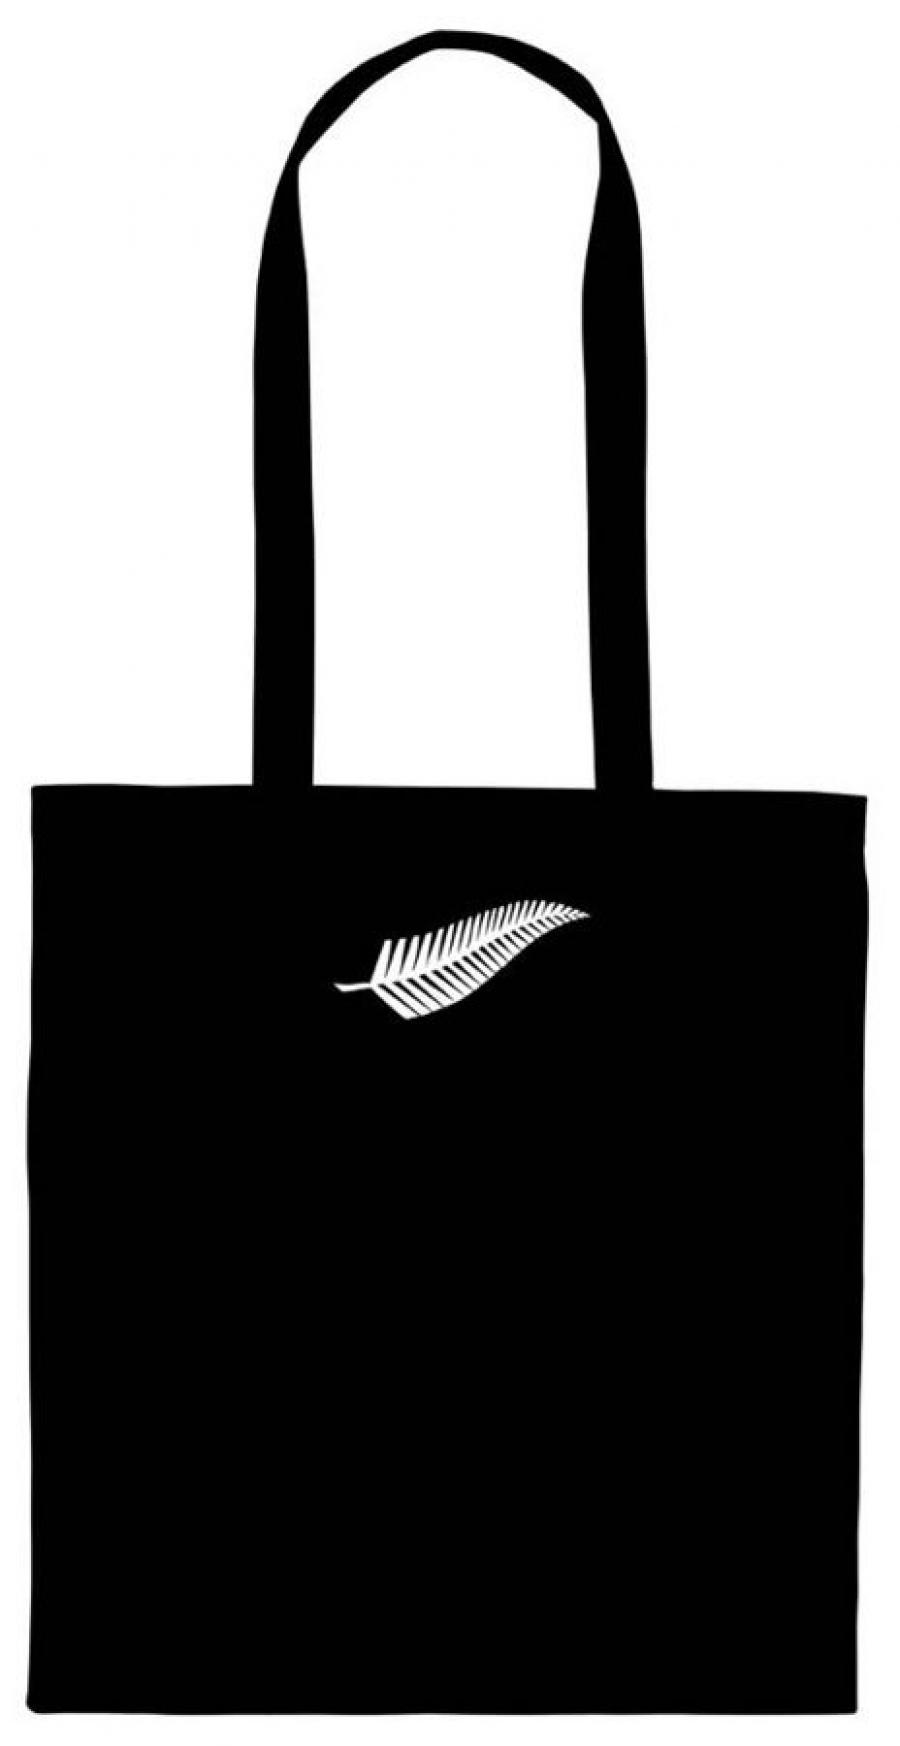 Silver Fern Calico Bag